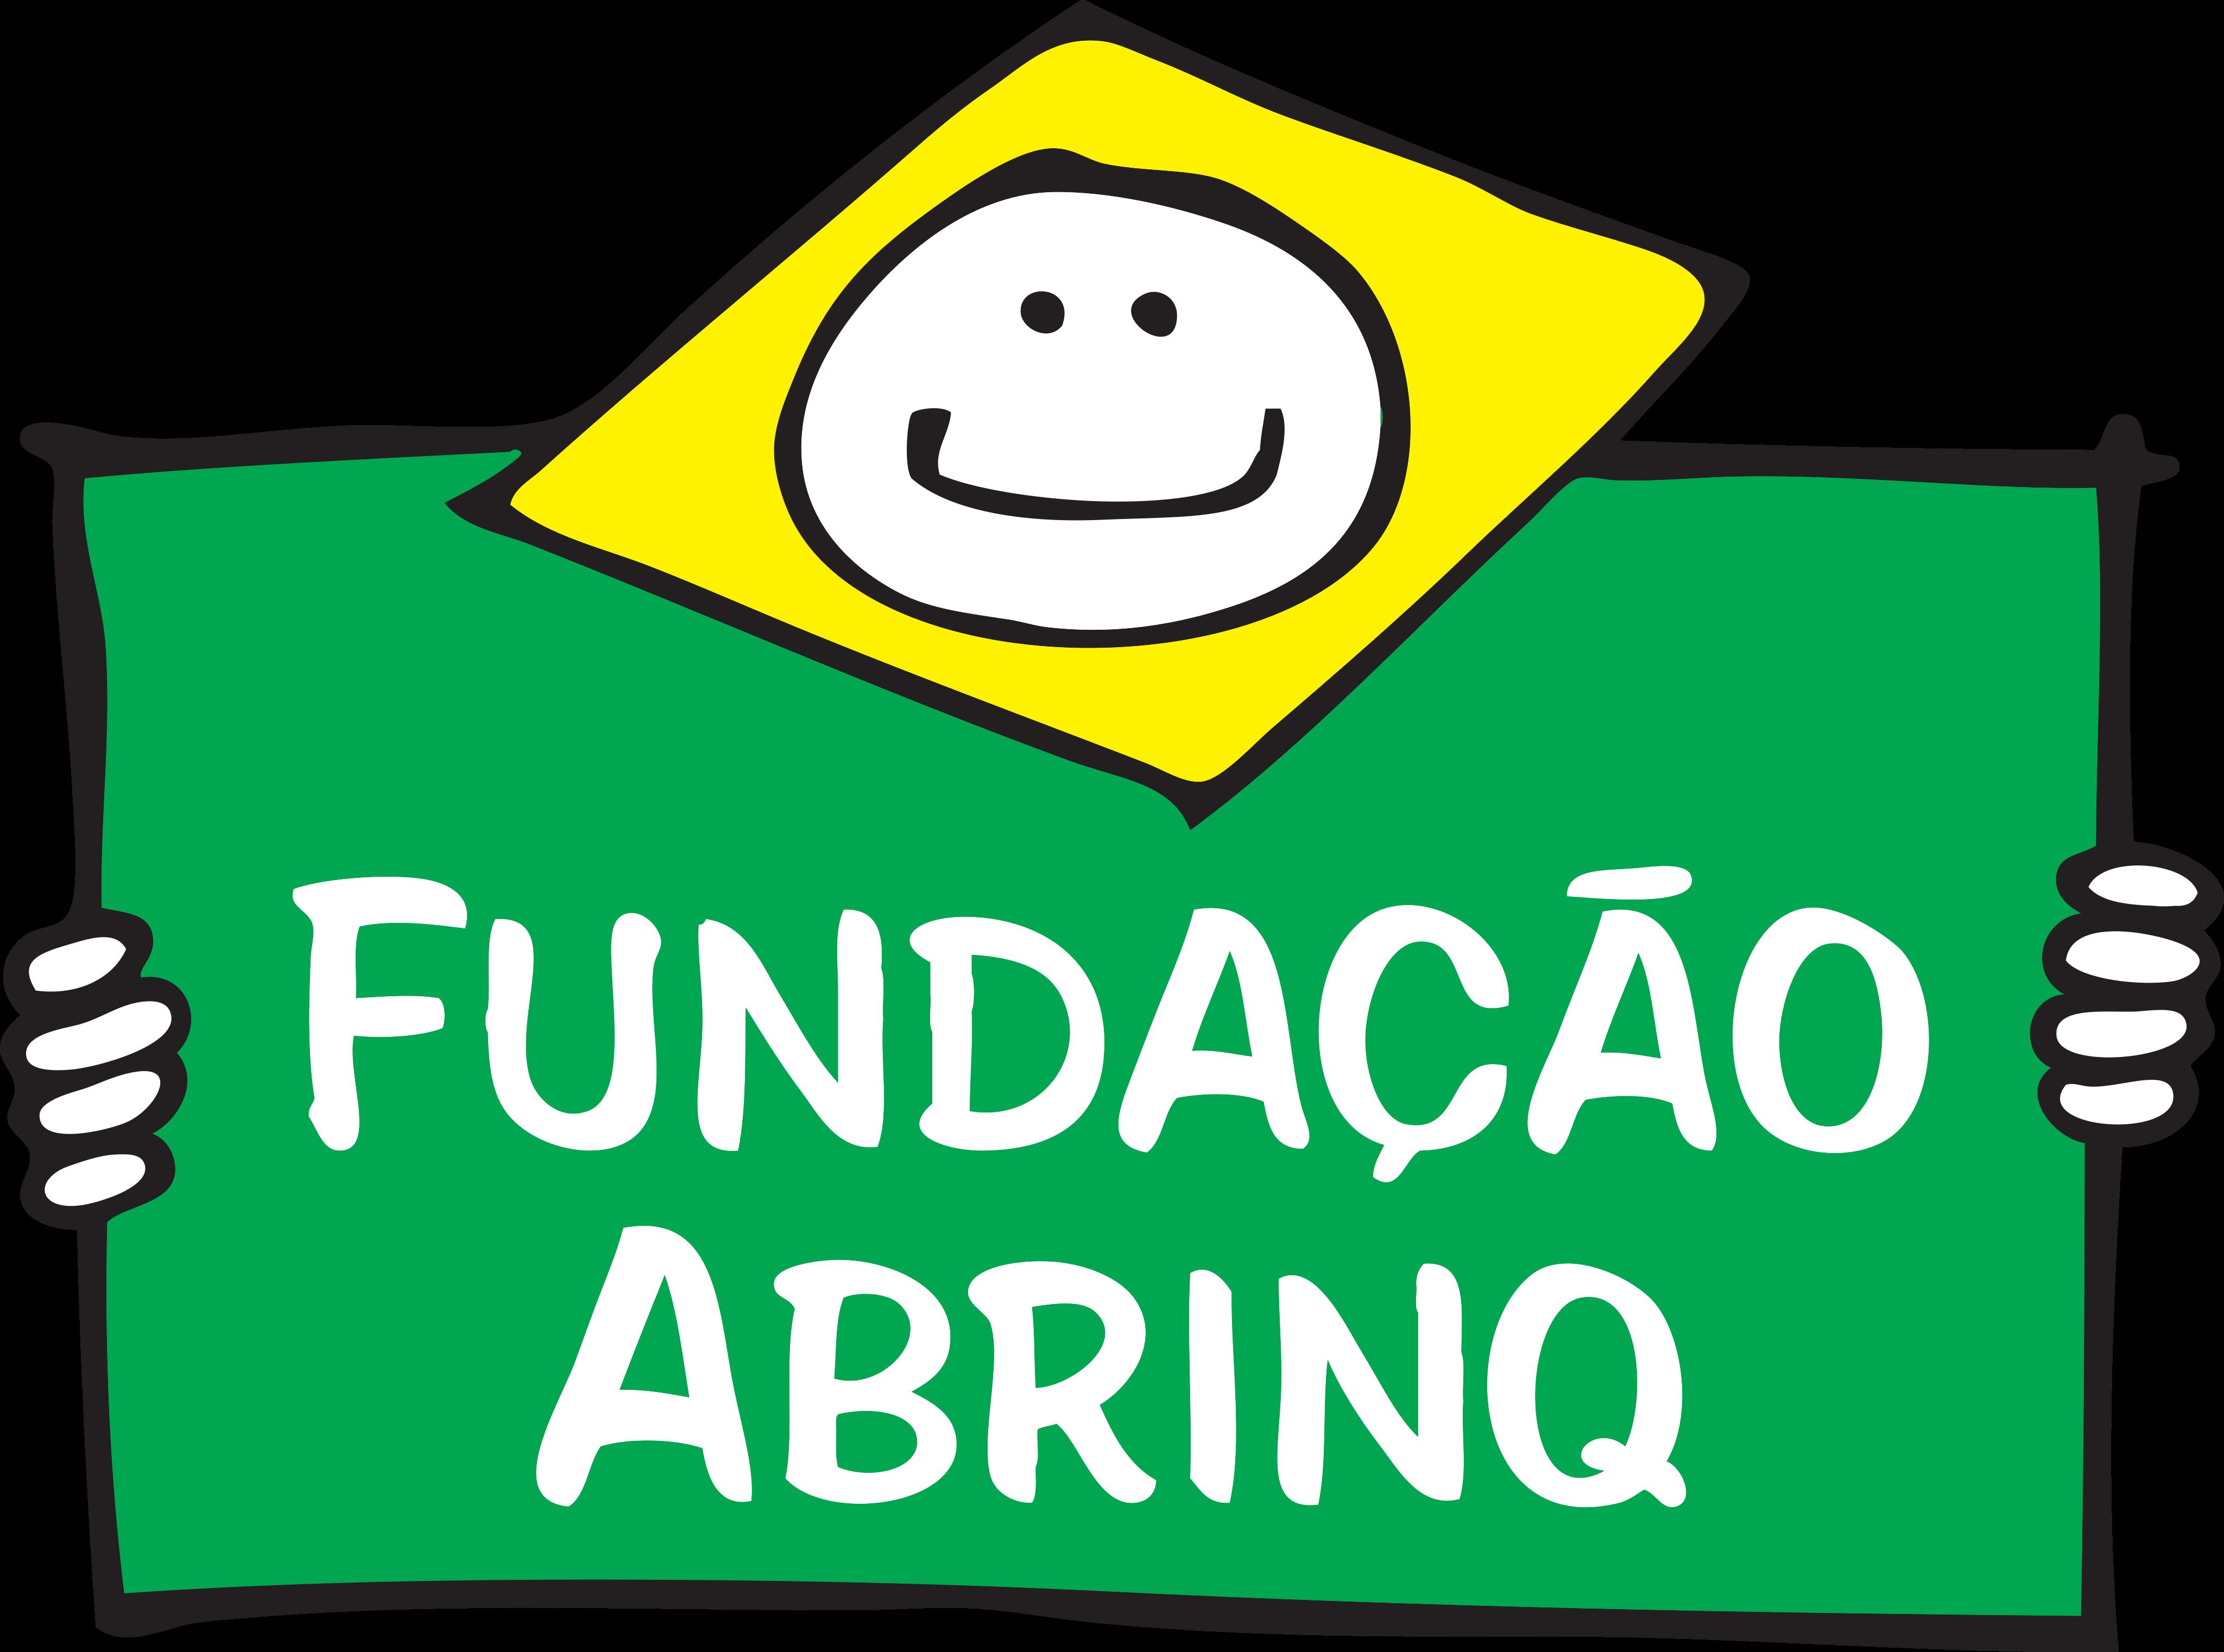 Fundação ABRINQ Logo.